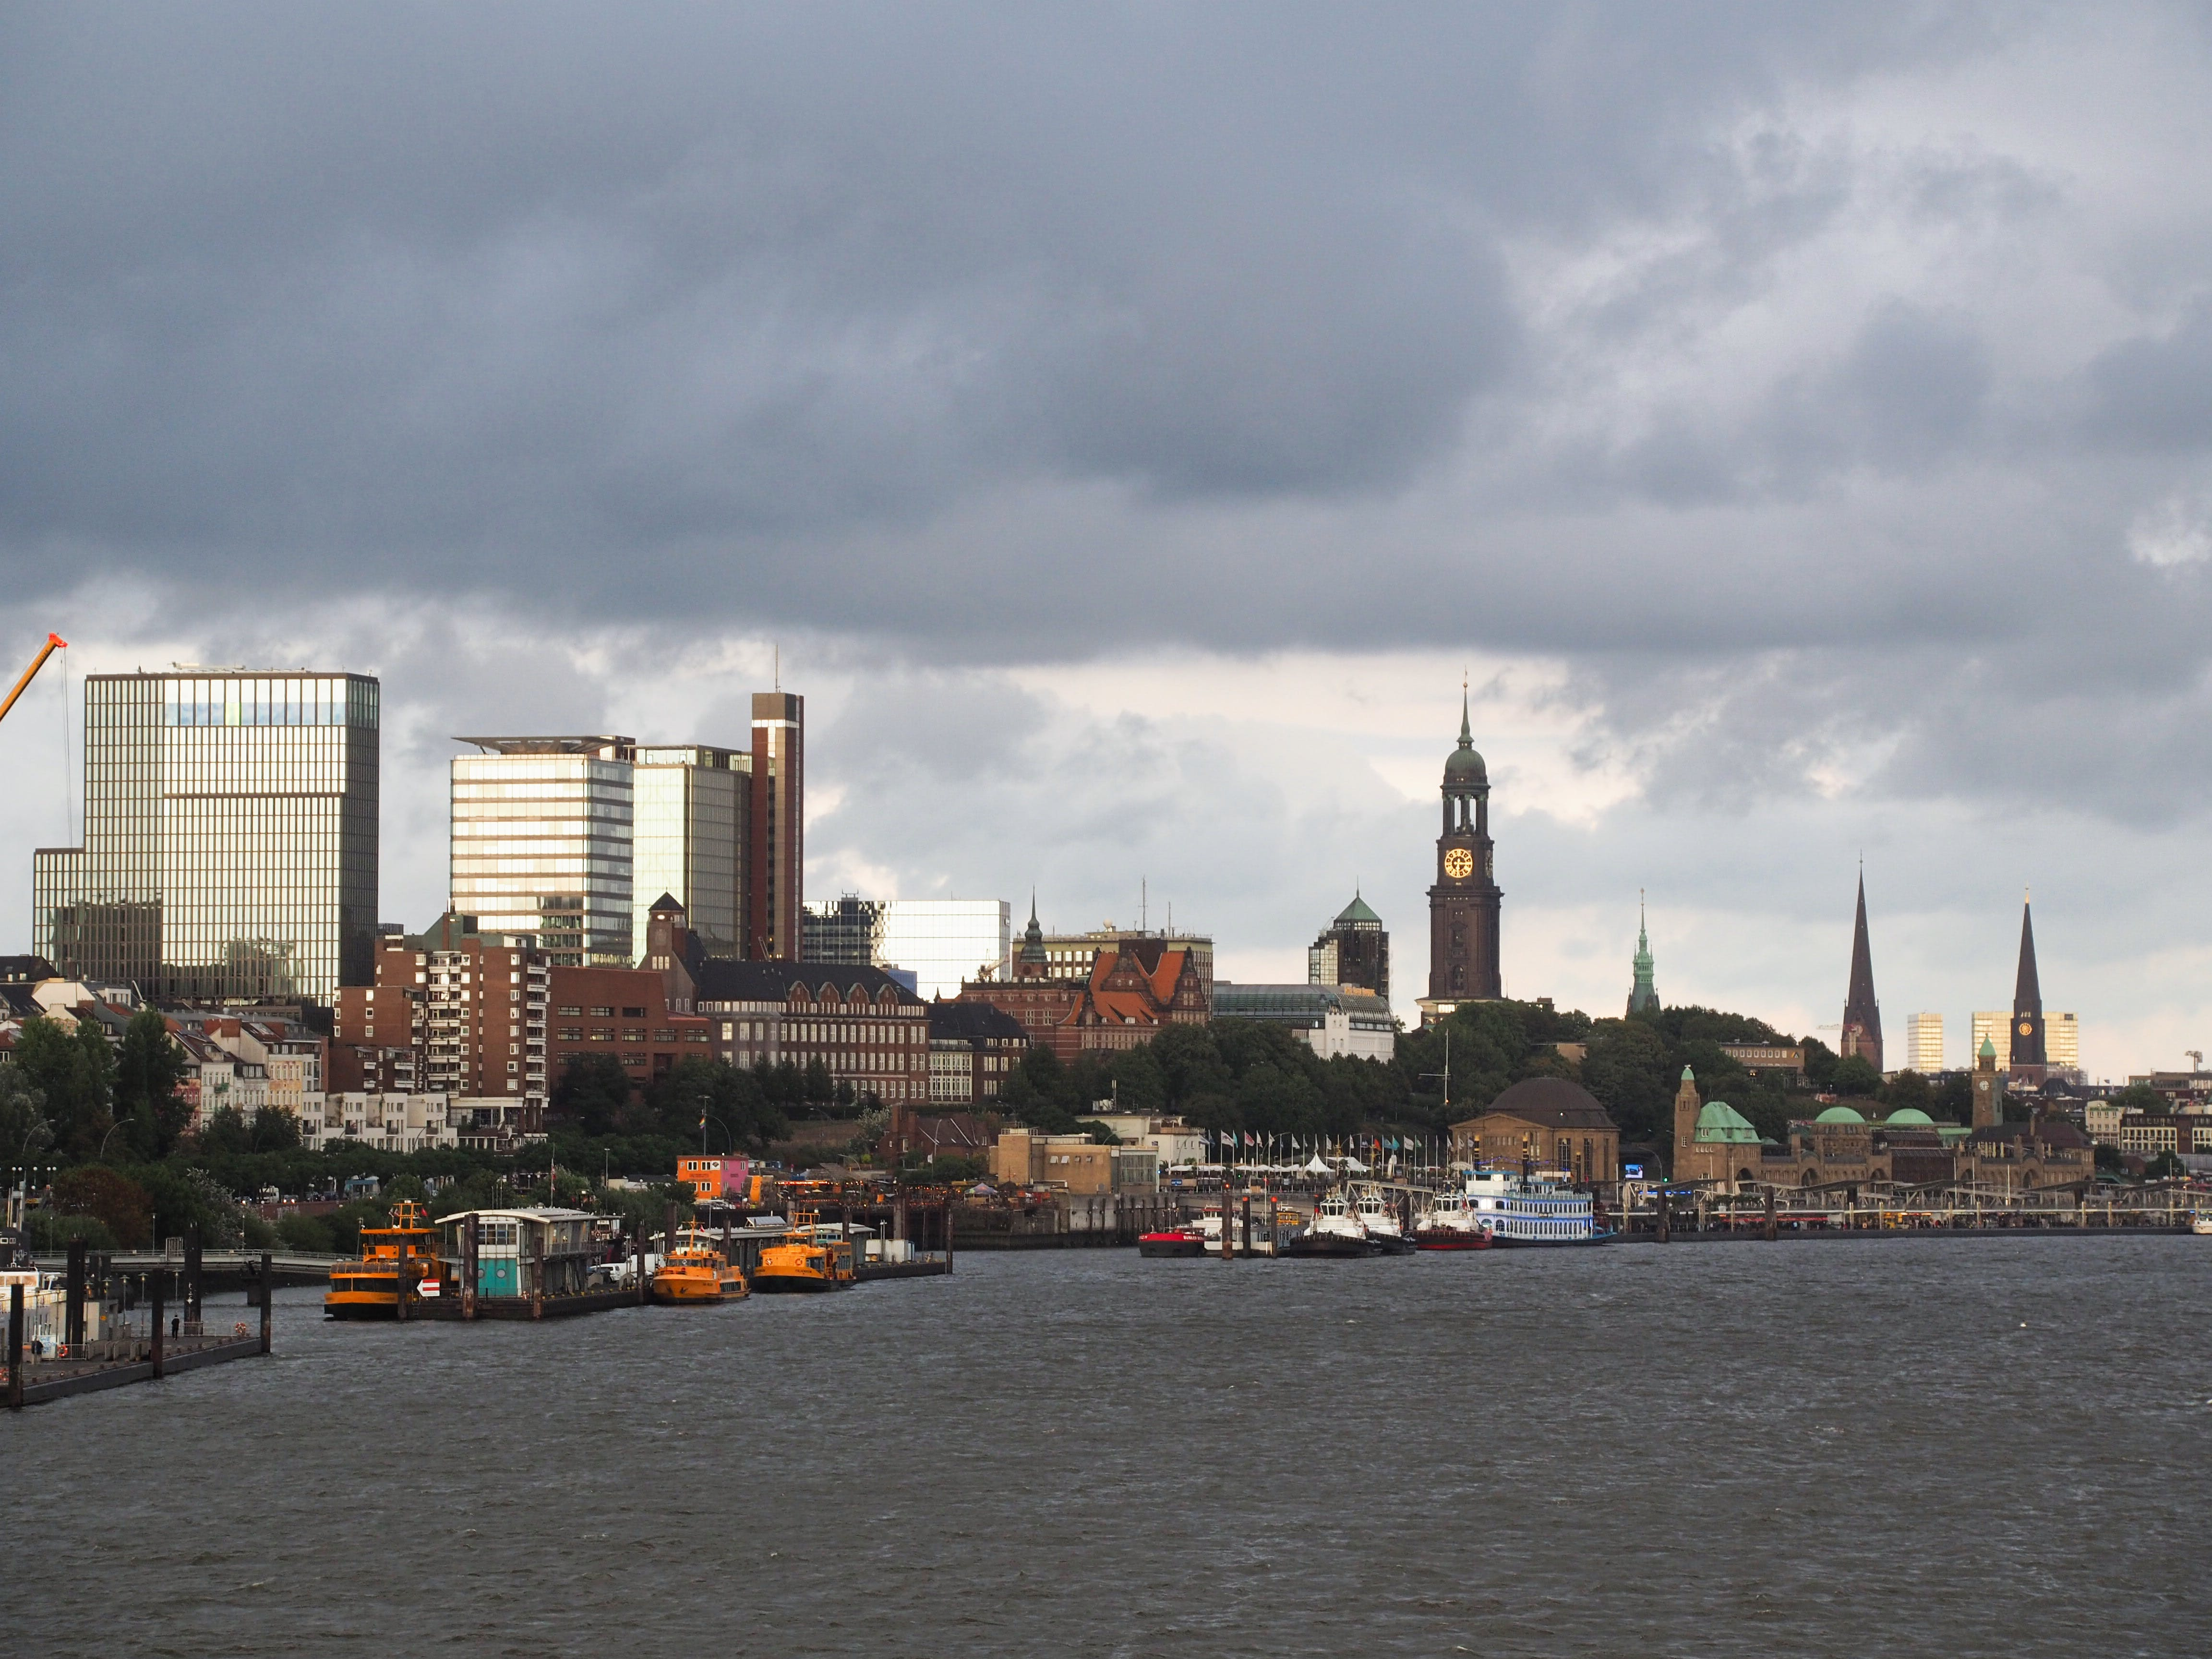 ハンバーグ, 教会, 港, 高層建築物の無料の写真素材